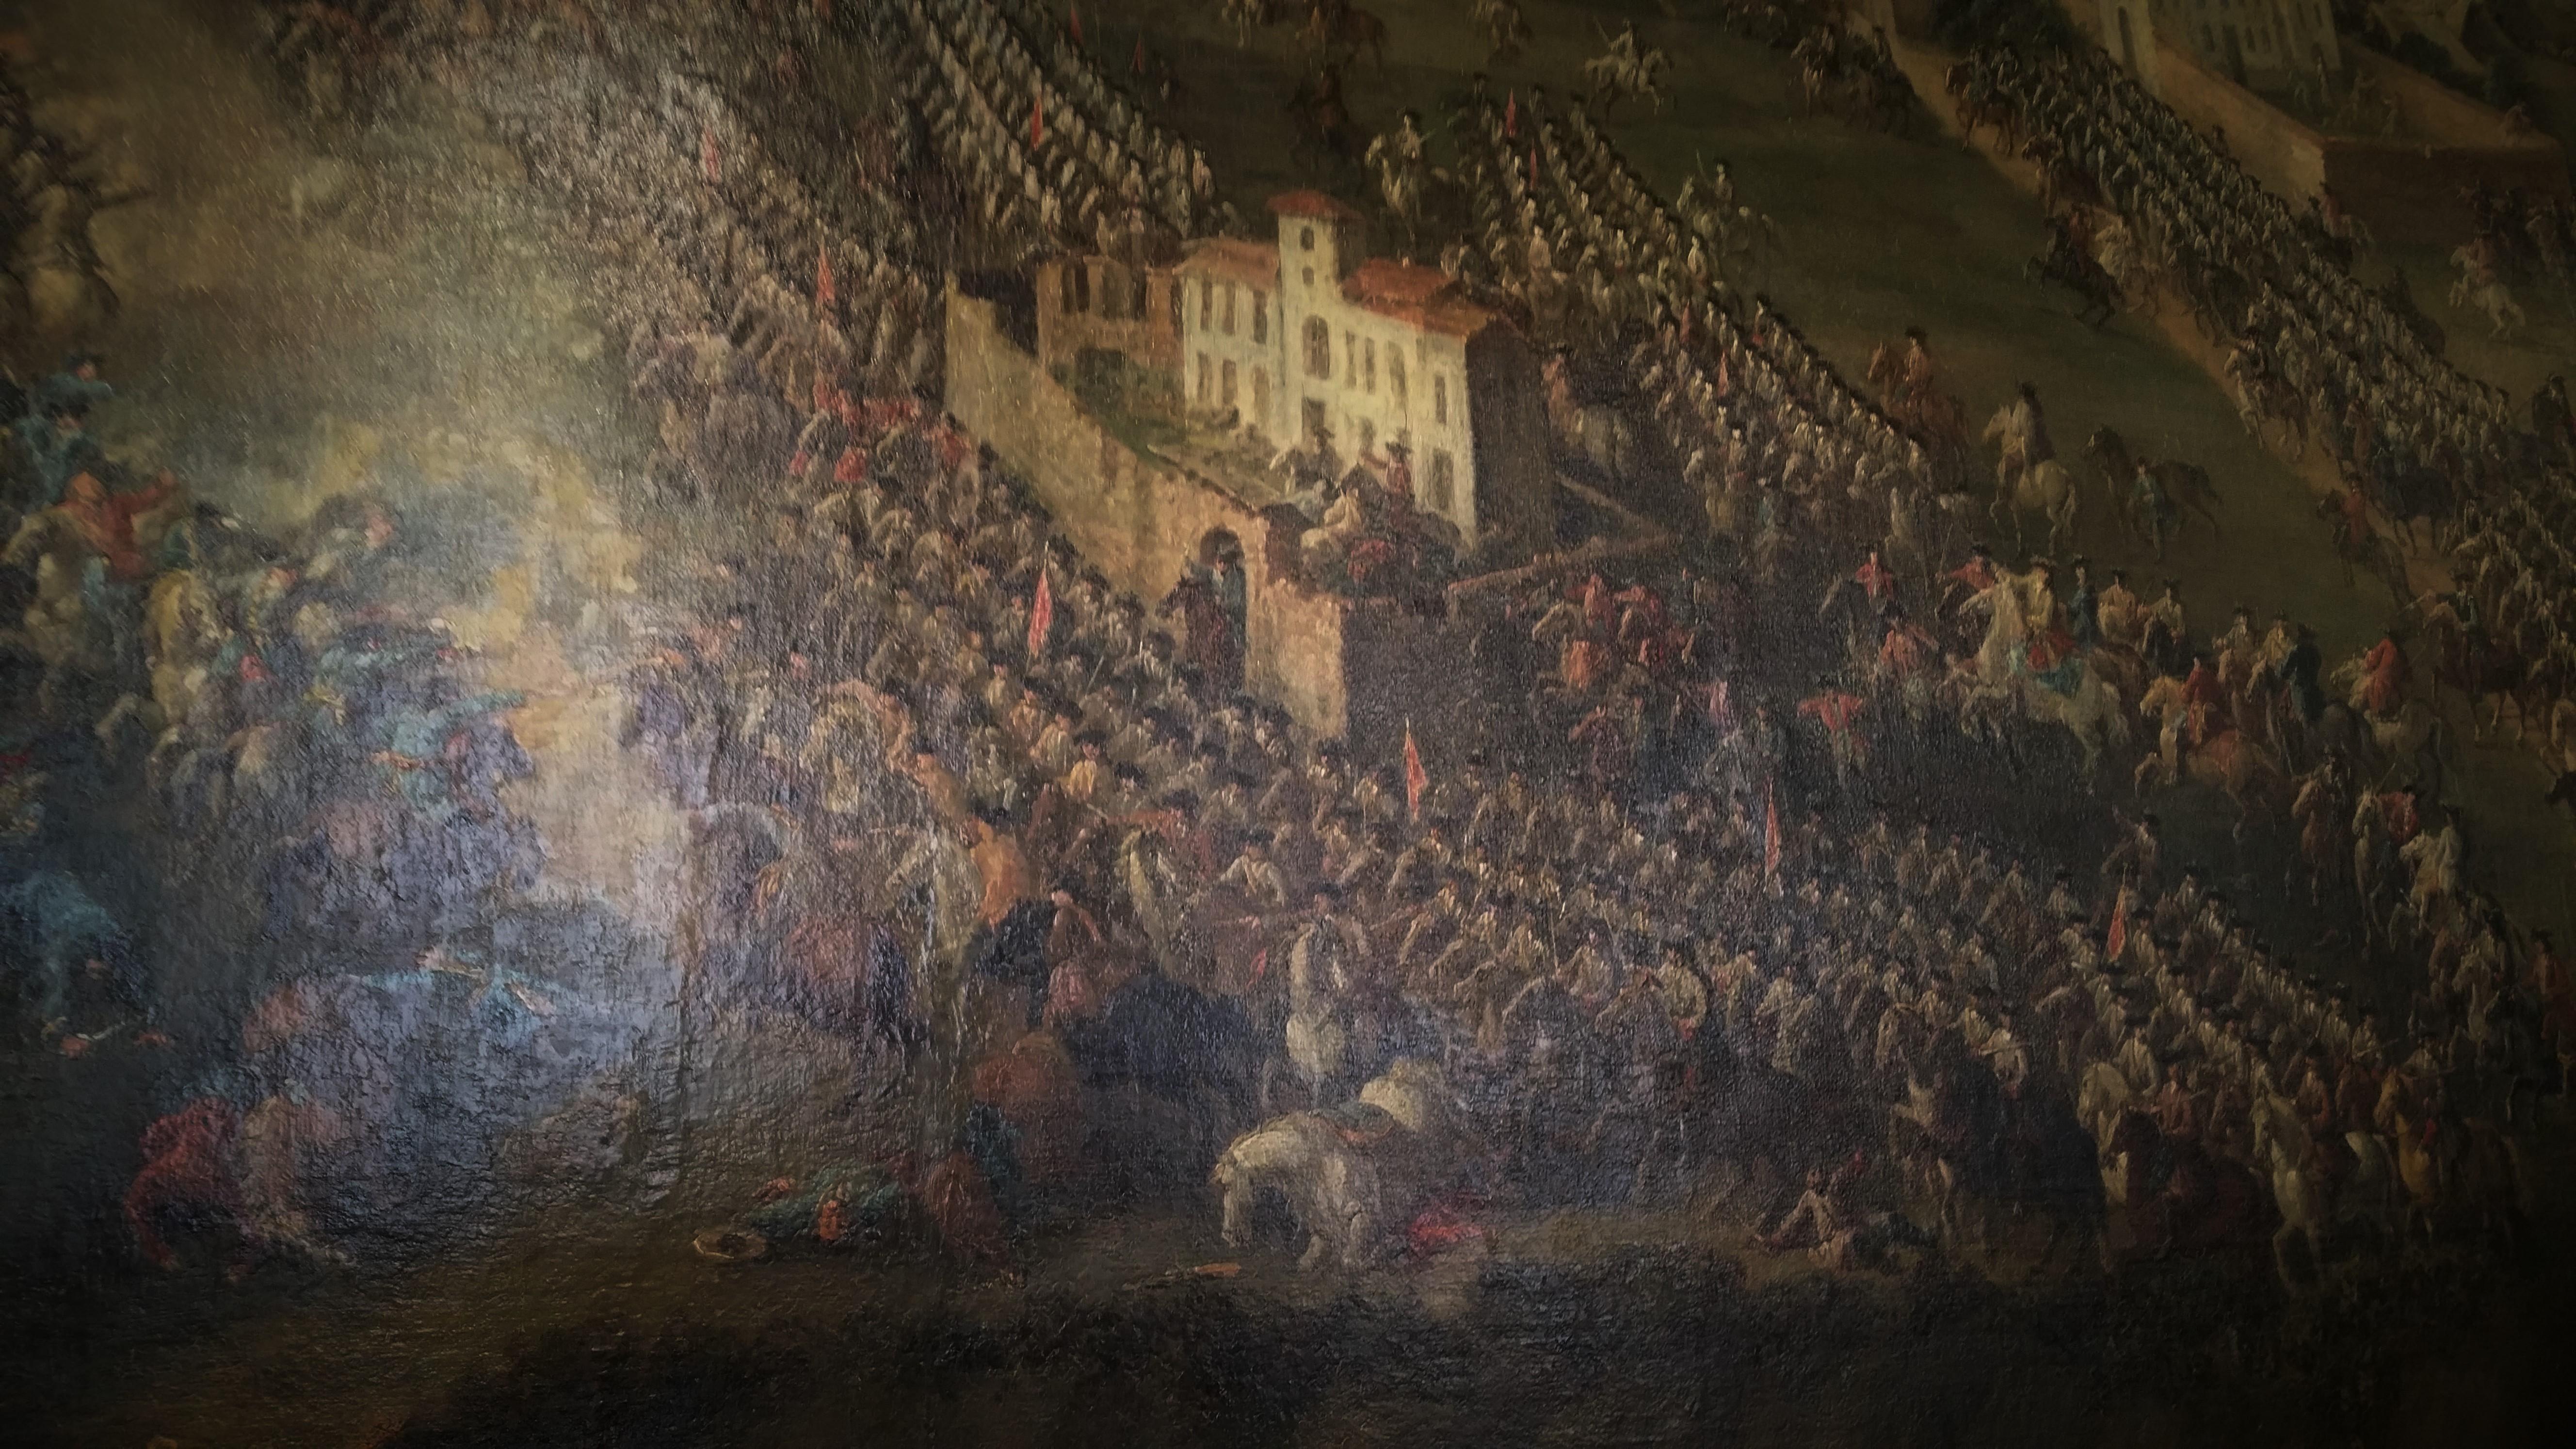 La Cavalleria Piemontese carica nei pressi del Castello di Lucento particolare dal quadro dell Assedio di Torino conservato nella Sala delle Battaglie